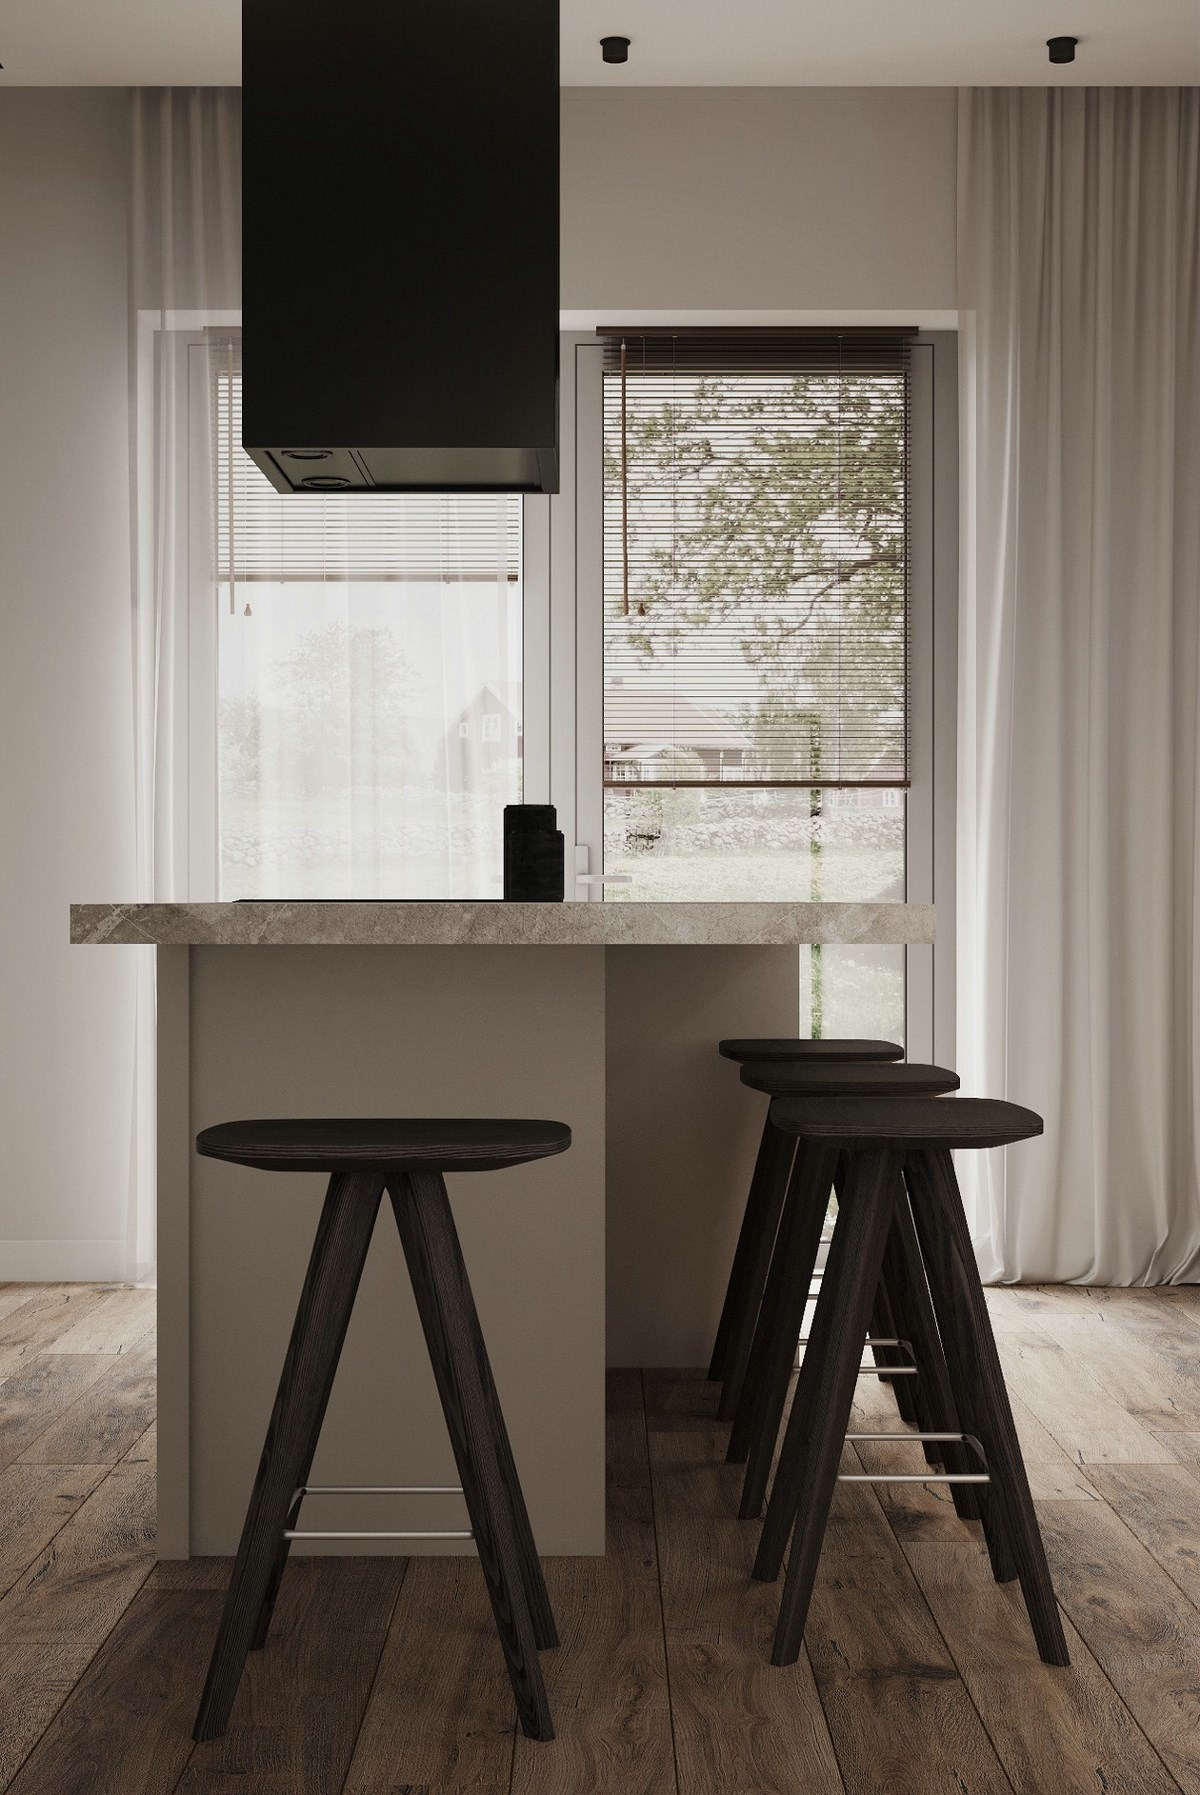 55㎡小空间公寓设计 小而精致